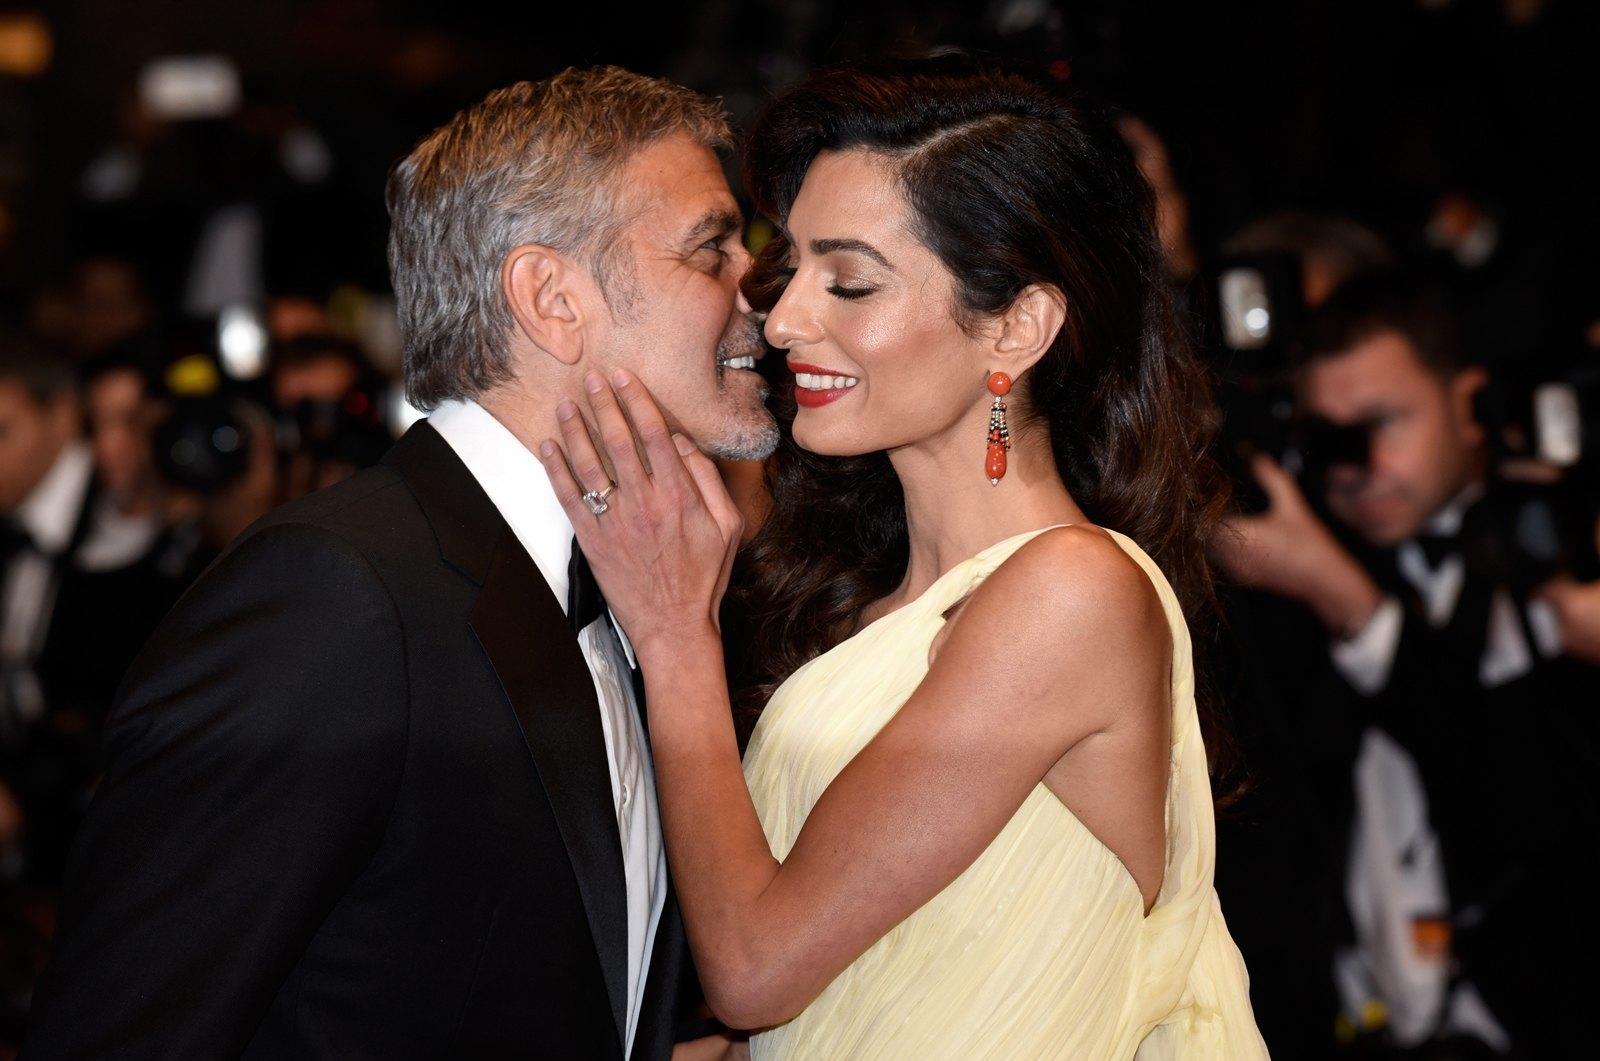 Амаль и Джордж Клуни отметили пятую годовщину свадьбы